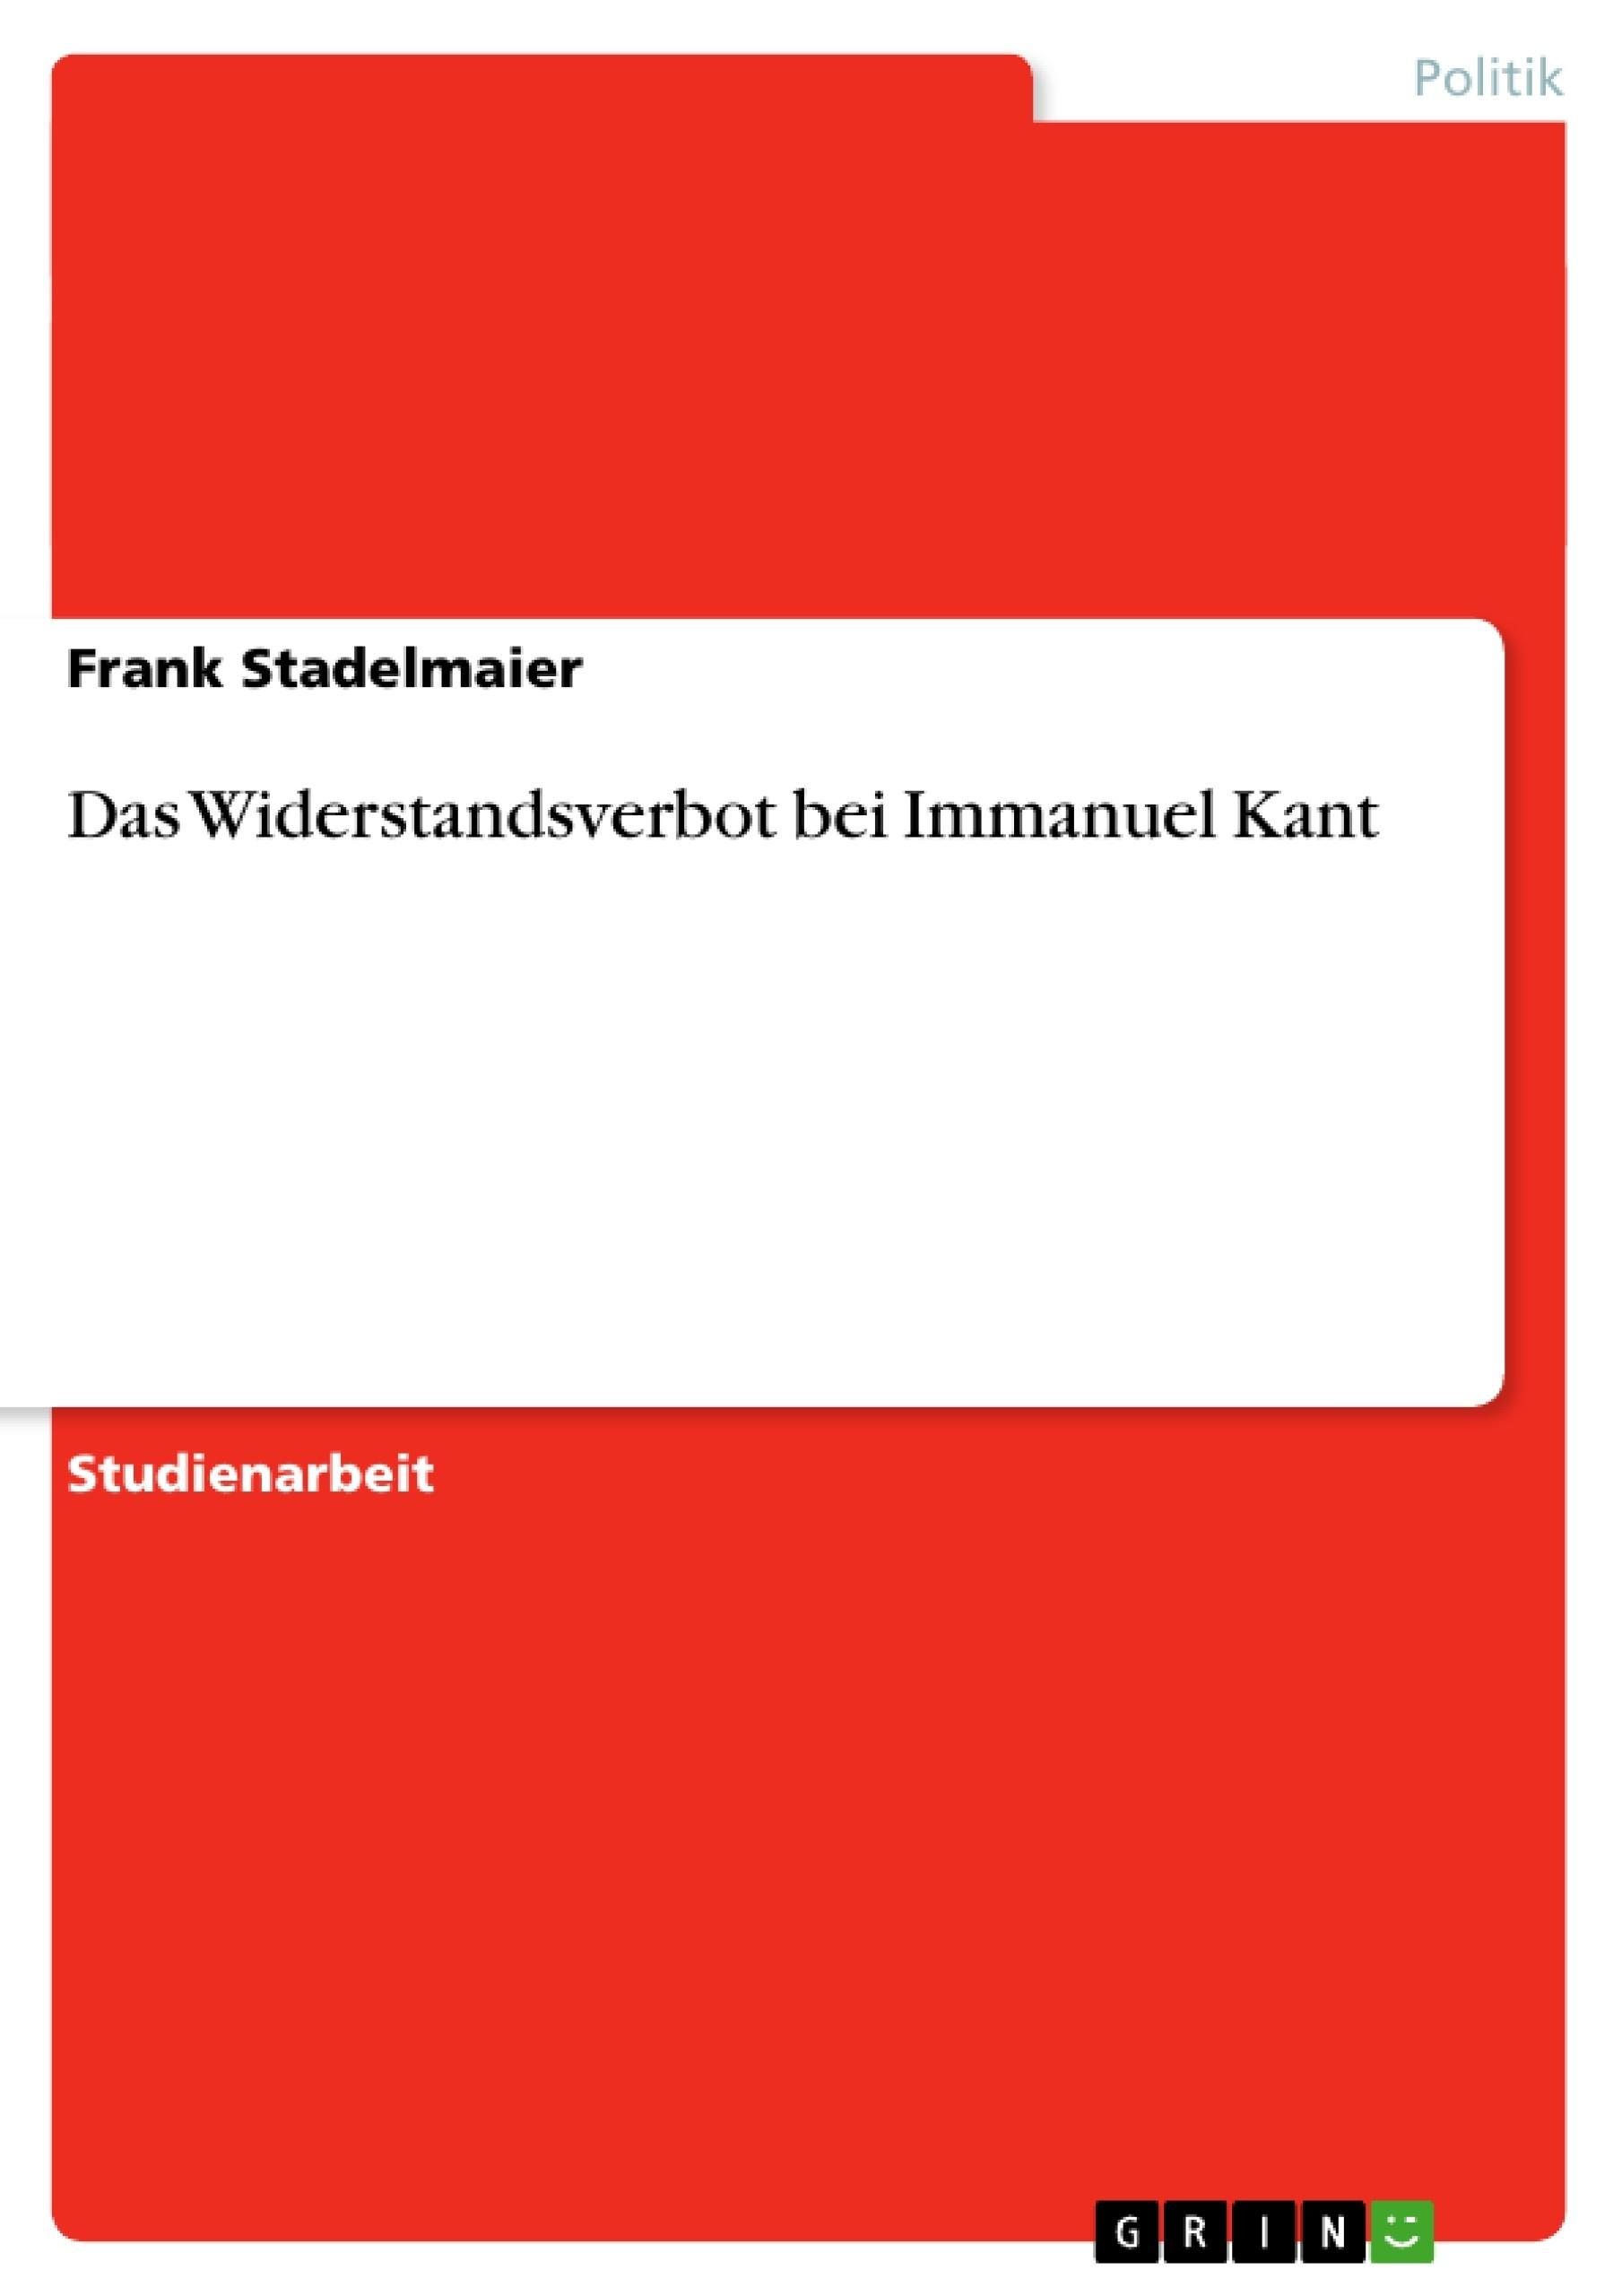 Titel: Das Widerstandsverbot bei Immanuel Kant